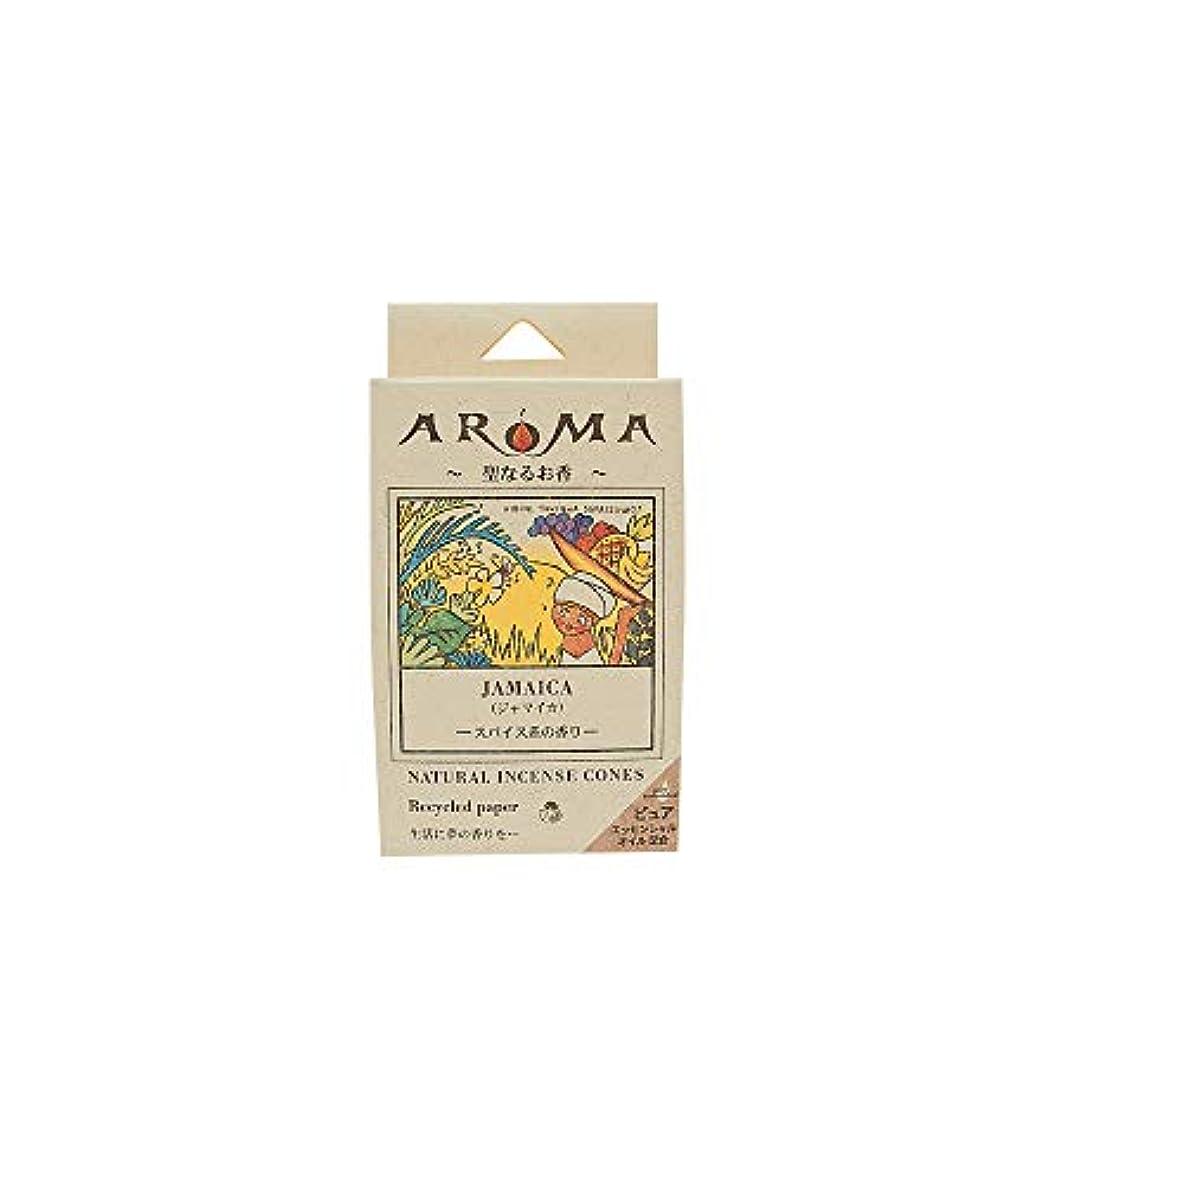 熟読マガジン視線アロマ香 ジャマイカ 16粒(コーンタイプインセンス 1粒の燃焼時間約20分 スパイス系の香り)